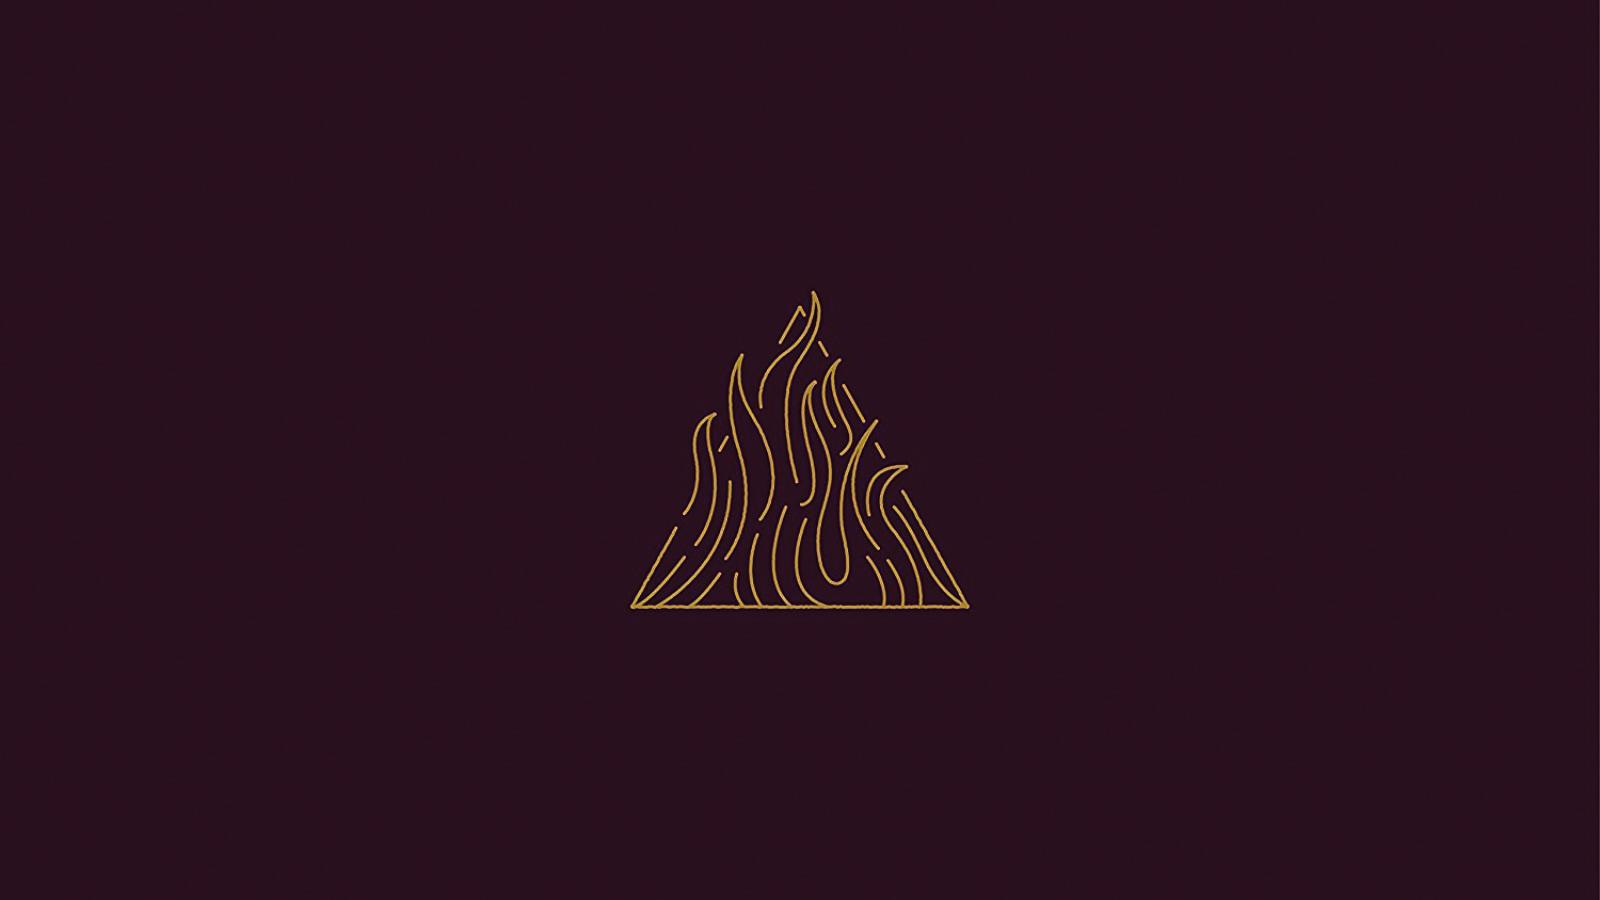 Platten des Monats: Trivium  The Sin And The Sentence